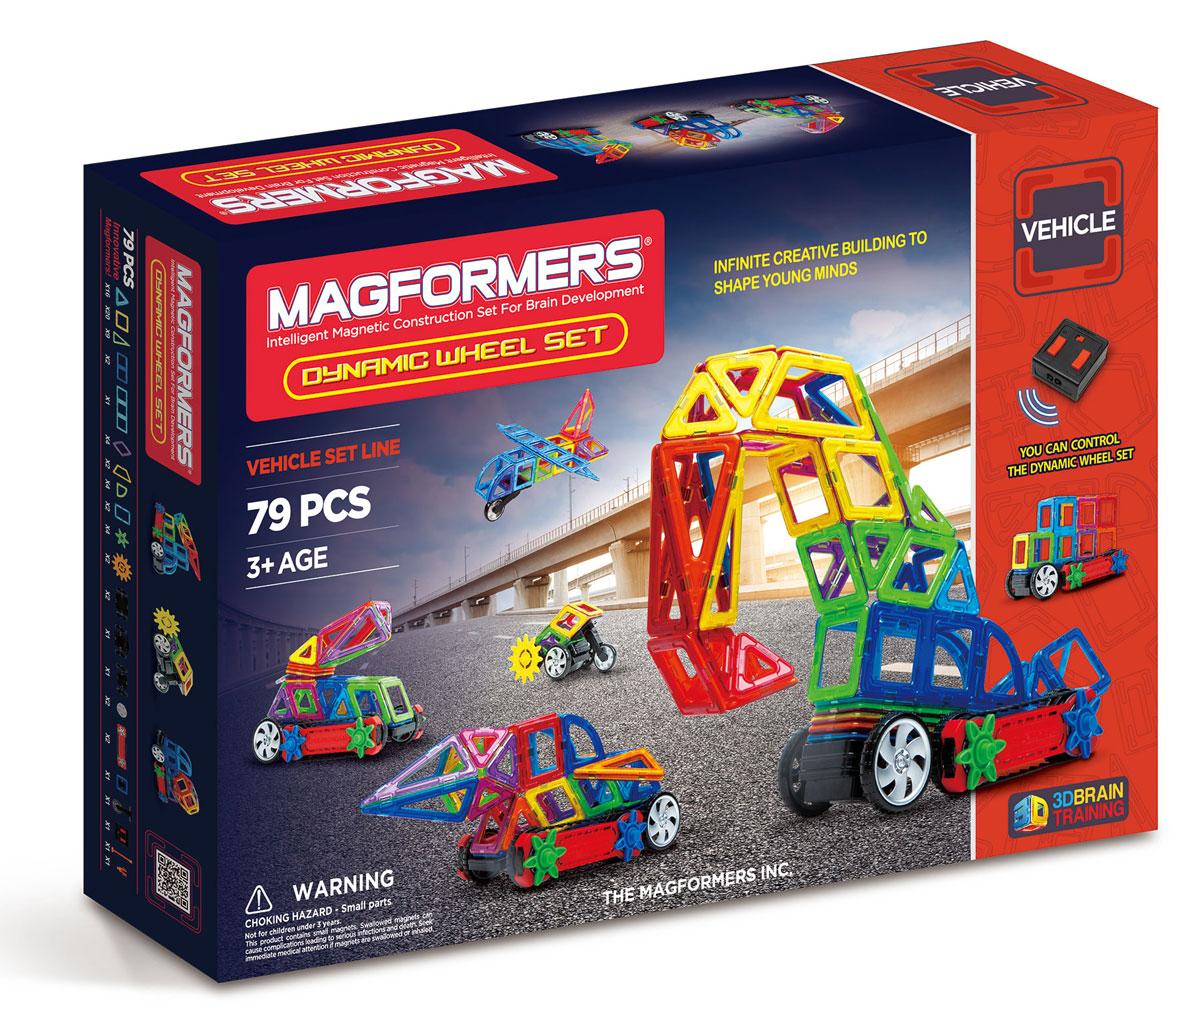 Magformers Магнитный конструктор Dinamic Wheel Set63116Набор Magformers Dynamic Wheel Set состоит из 79 деталей и включает в себя как основные магнитные формы Магформерс, так и аксессуары. Особенность этого набора - наличие всех видов колес, благодаря чему открываются безграничные возможности для создания любого транспорта. Обращаем ваше внимание, что наборы Магформерс предназначены для детей старше 3-х лет. Дети меньшего возраста тоже с удовольствием играют в Магформерс, но только вместе с родителями!